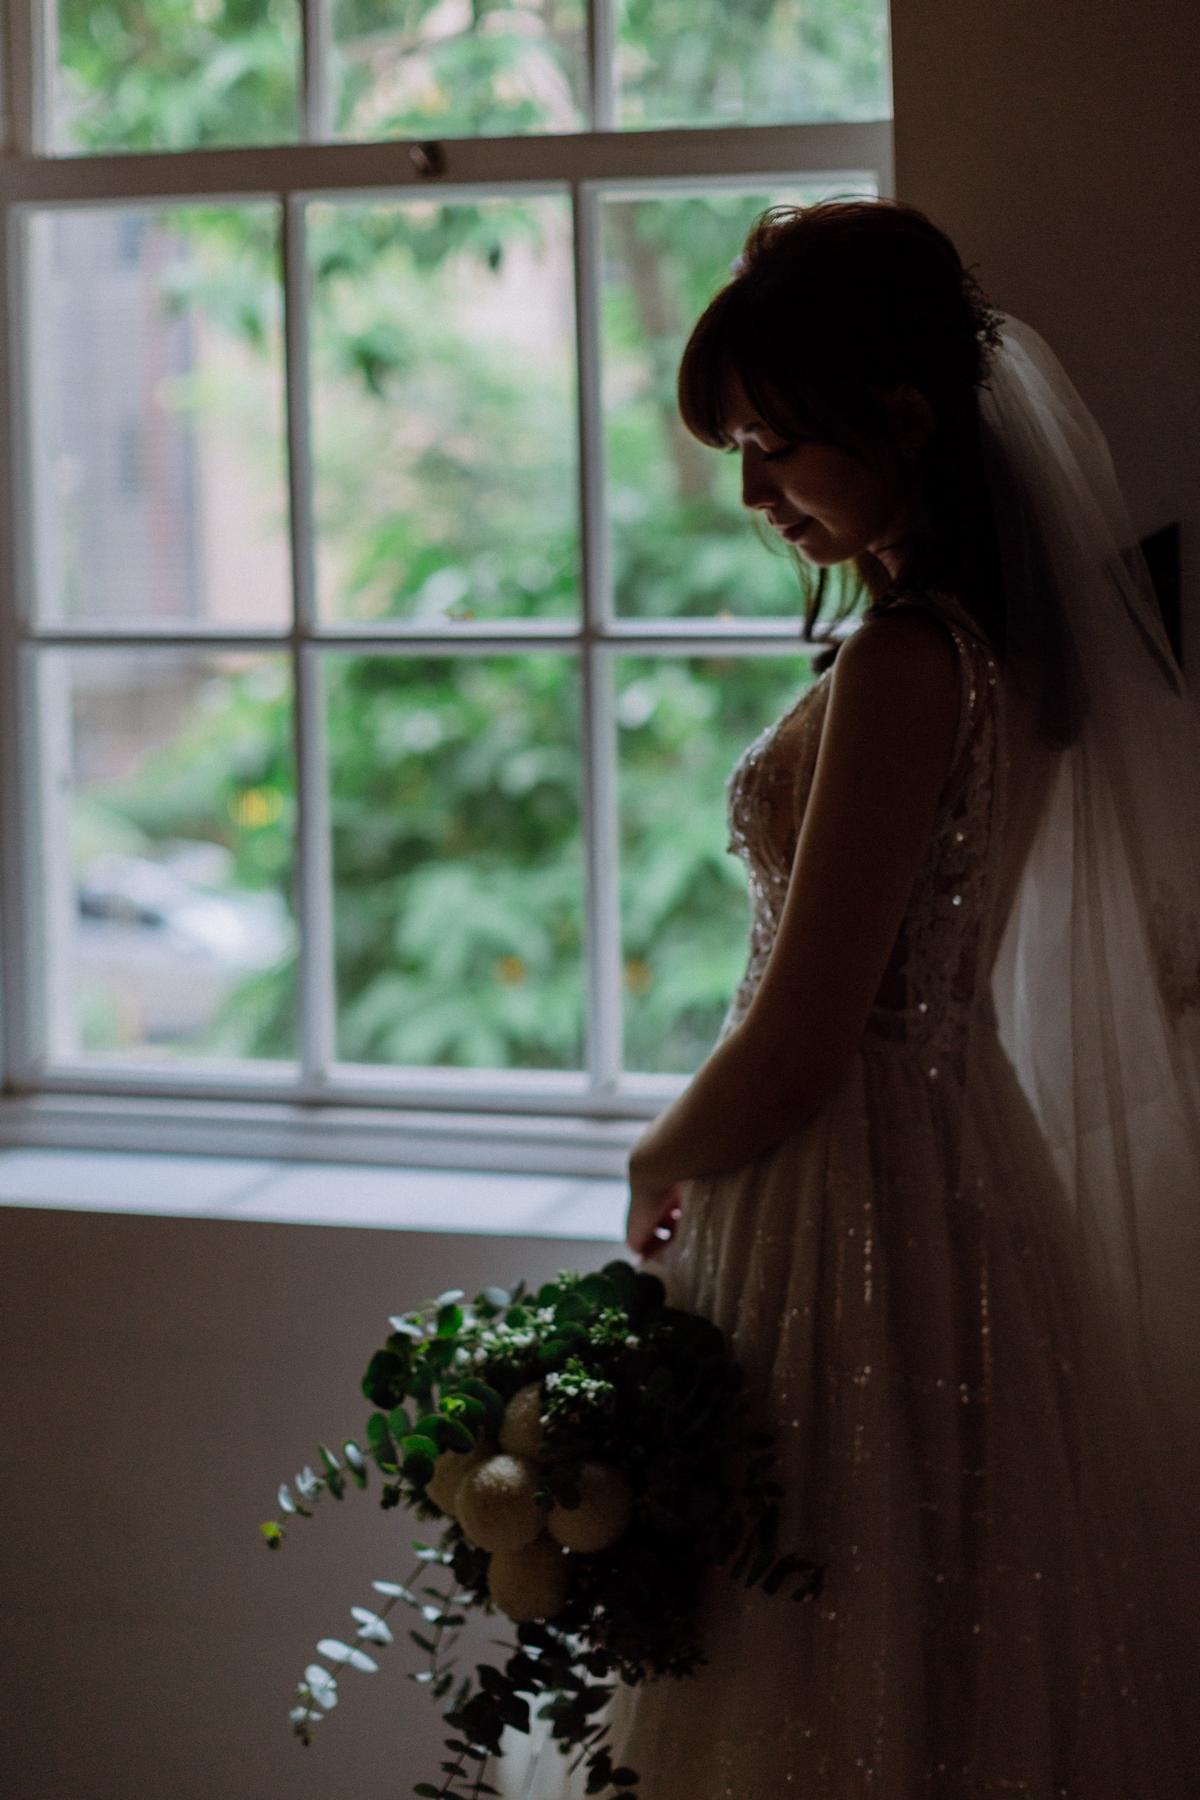 綠舍時光,老房子,戶外婚禮儀式,推薦婚攝,婚禮紀錄,台北婚攝,北部婚禮紀錄婚攝-0016.jpg